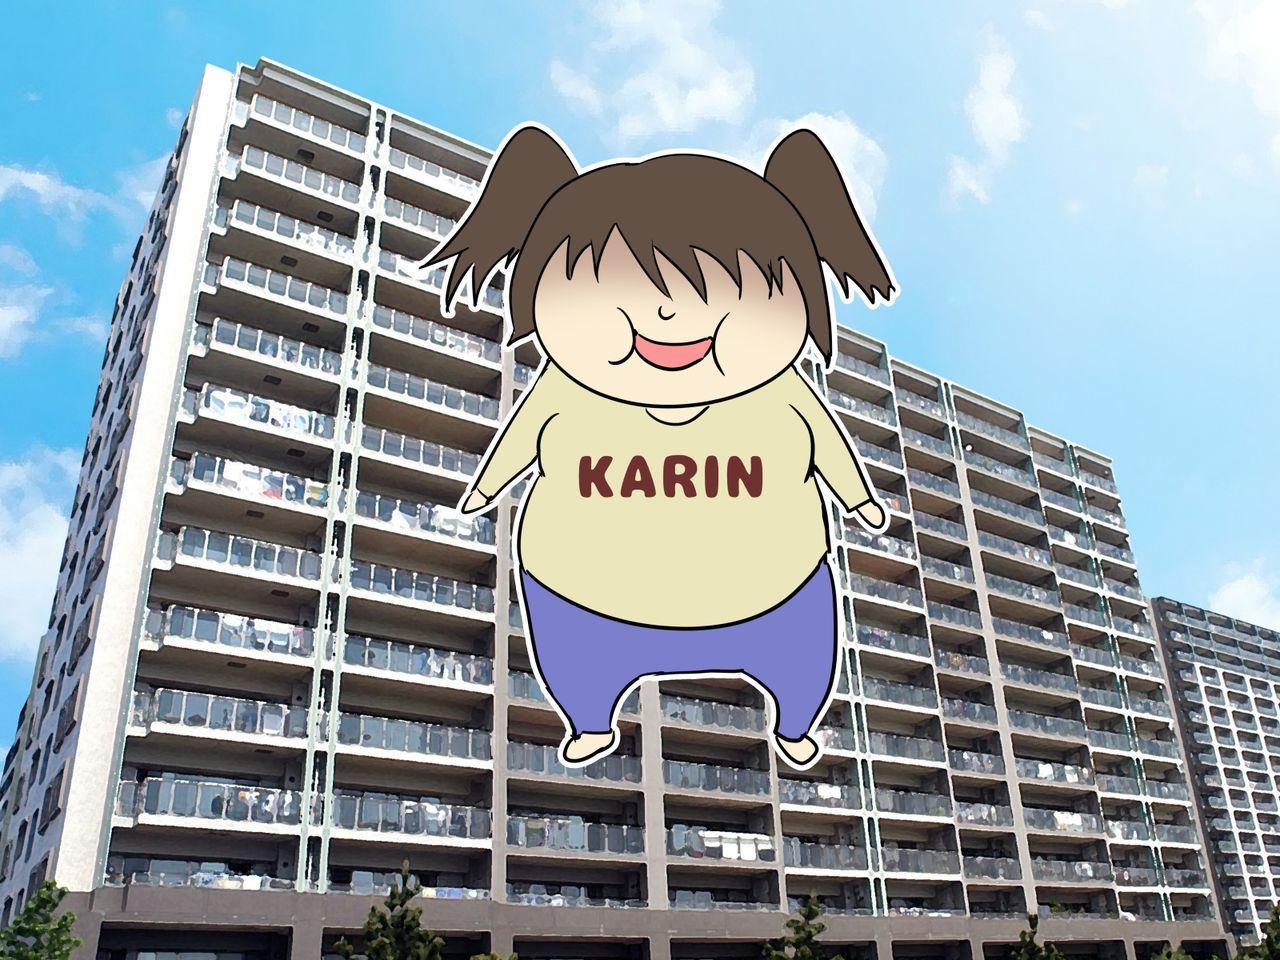 Uchiki na Jyumai ga Ore no Tame ni Karada o Kitaeta Kekka 150